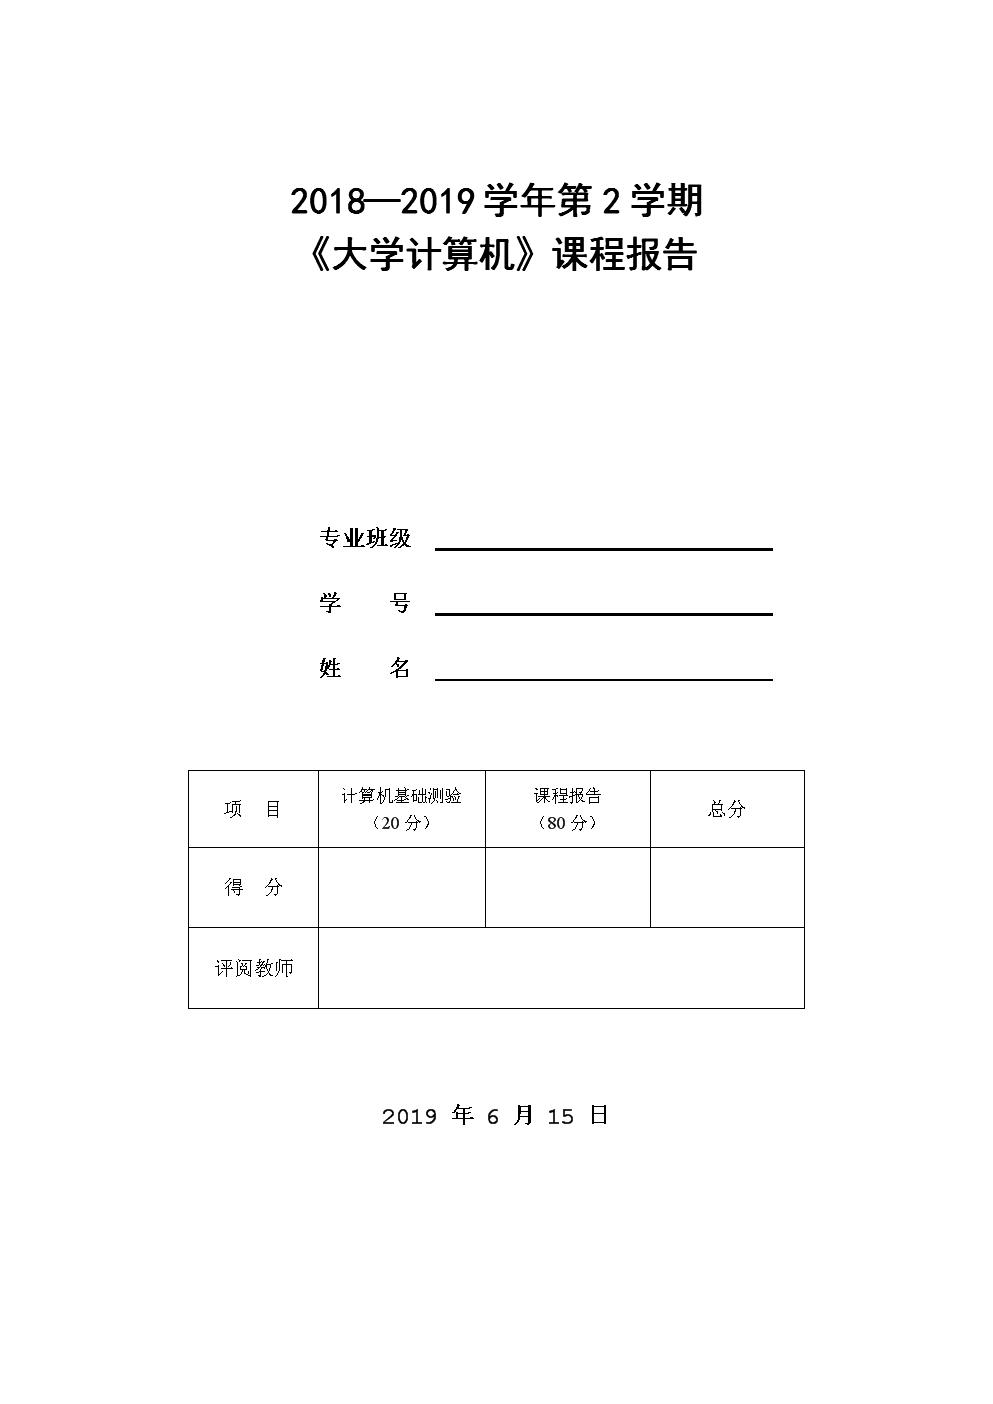 大学计算机结课报告.docx